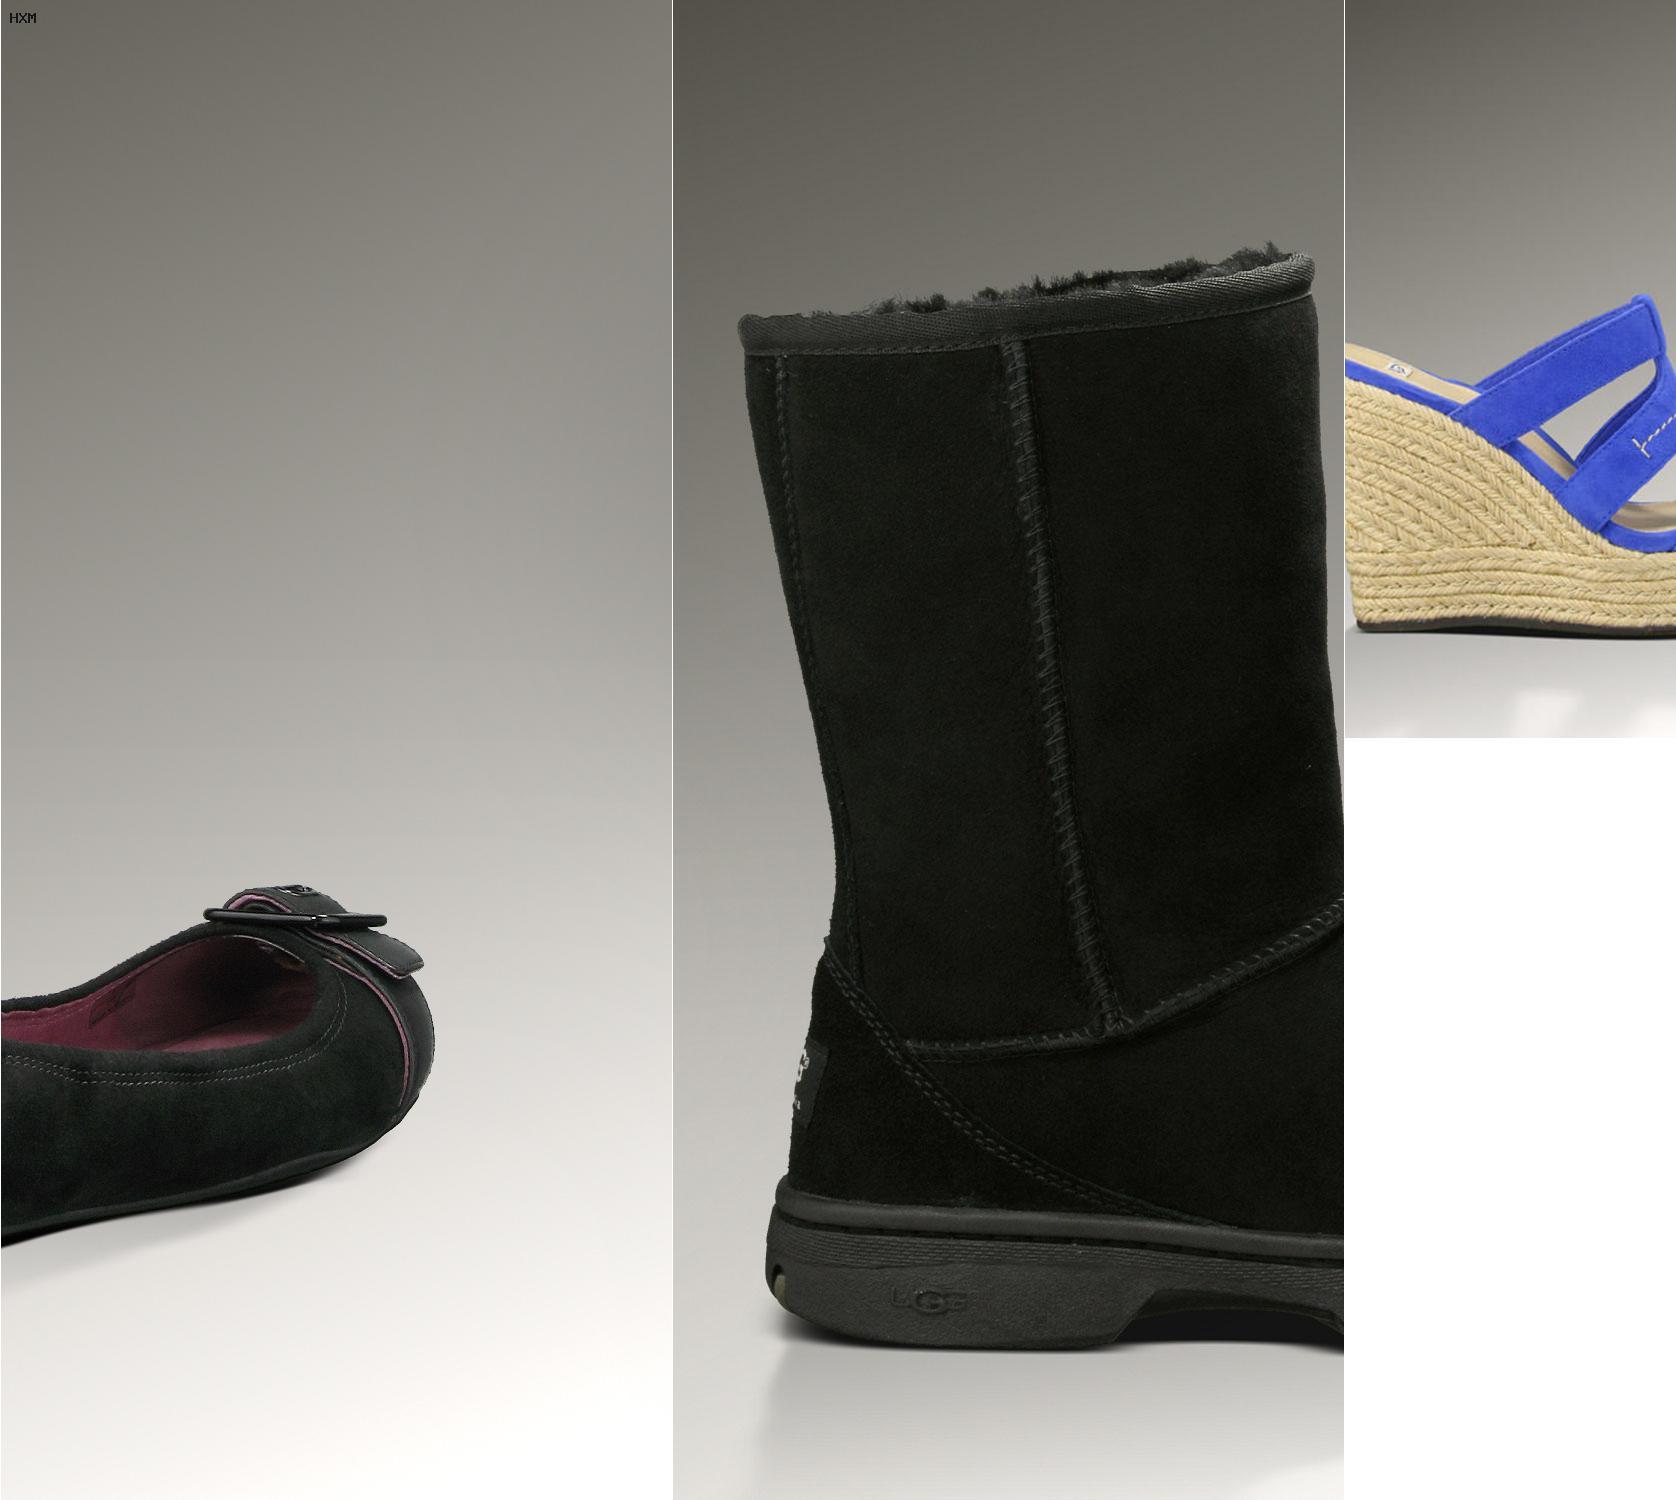 ugg schoenen online kopen